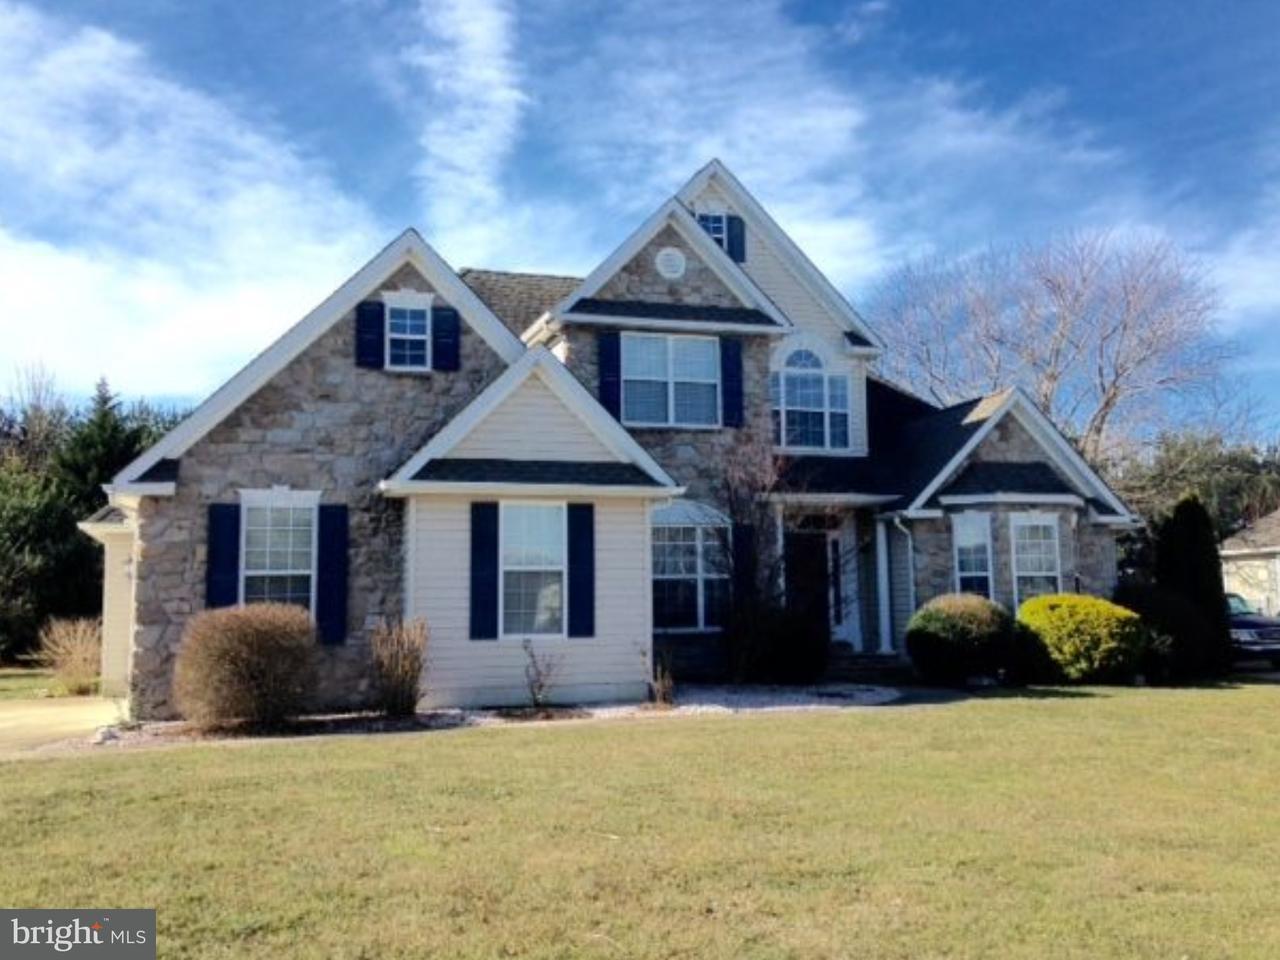 Maison unifamiliale pour l Vente à 486 ORCHARD GROVE WAY Camden Wyoming, Delaware 19934 États-Unis